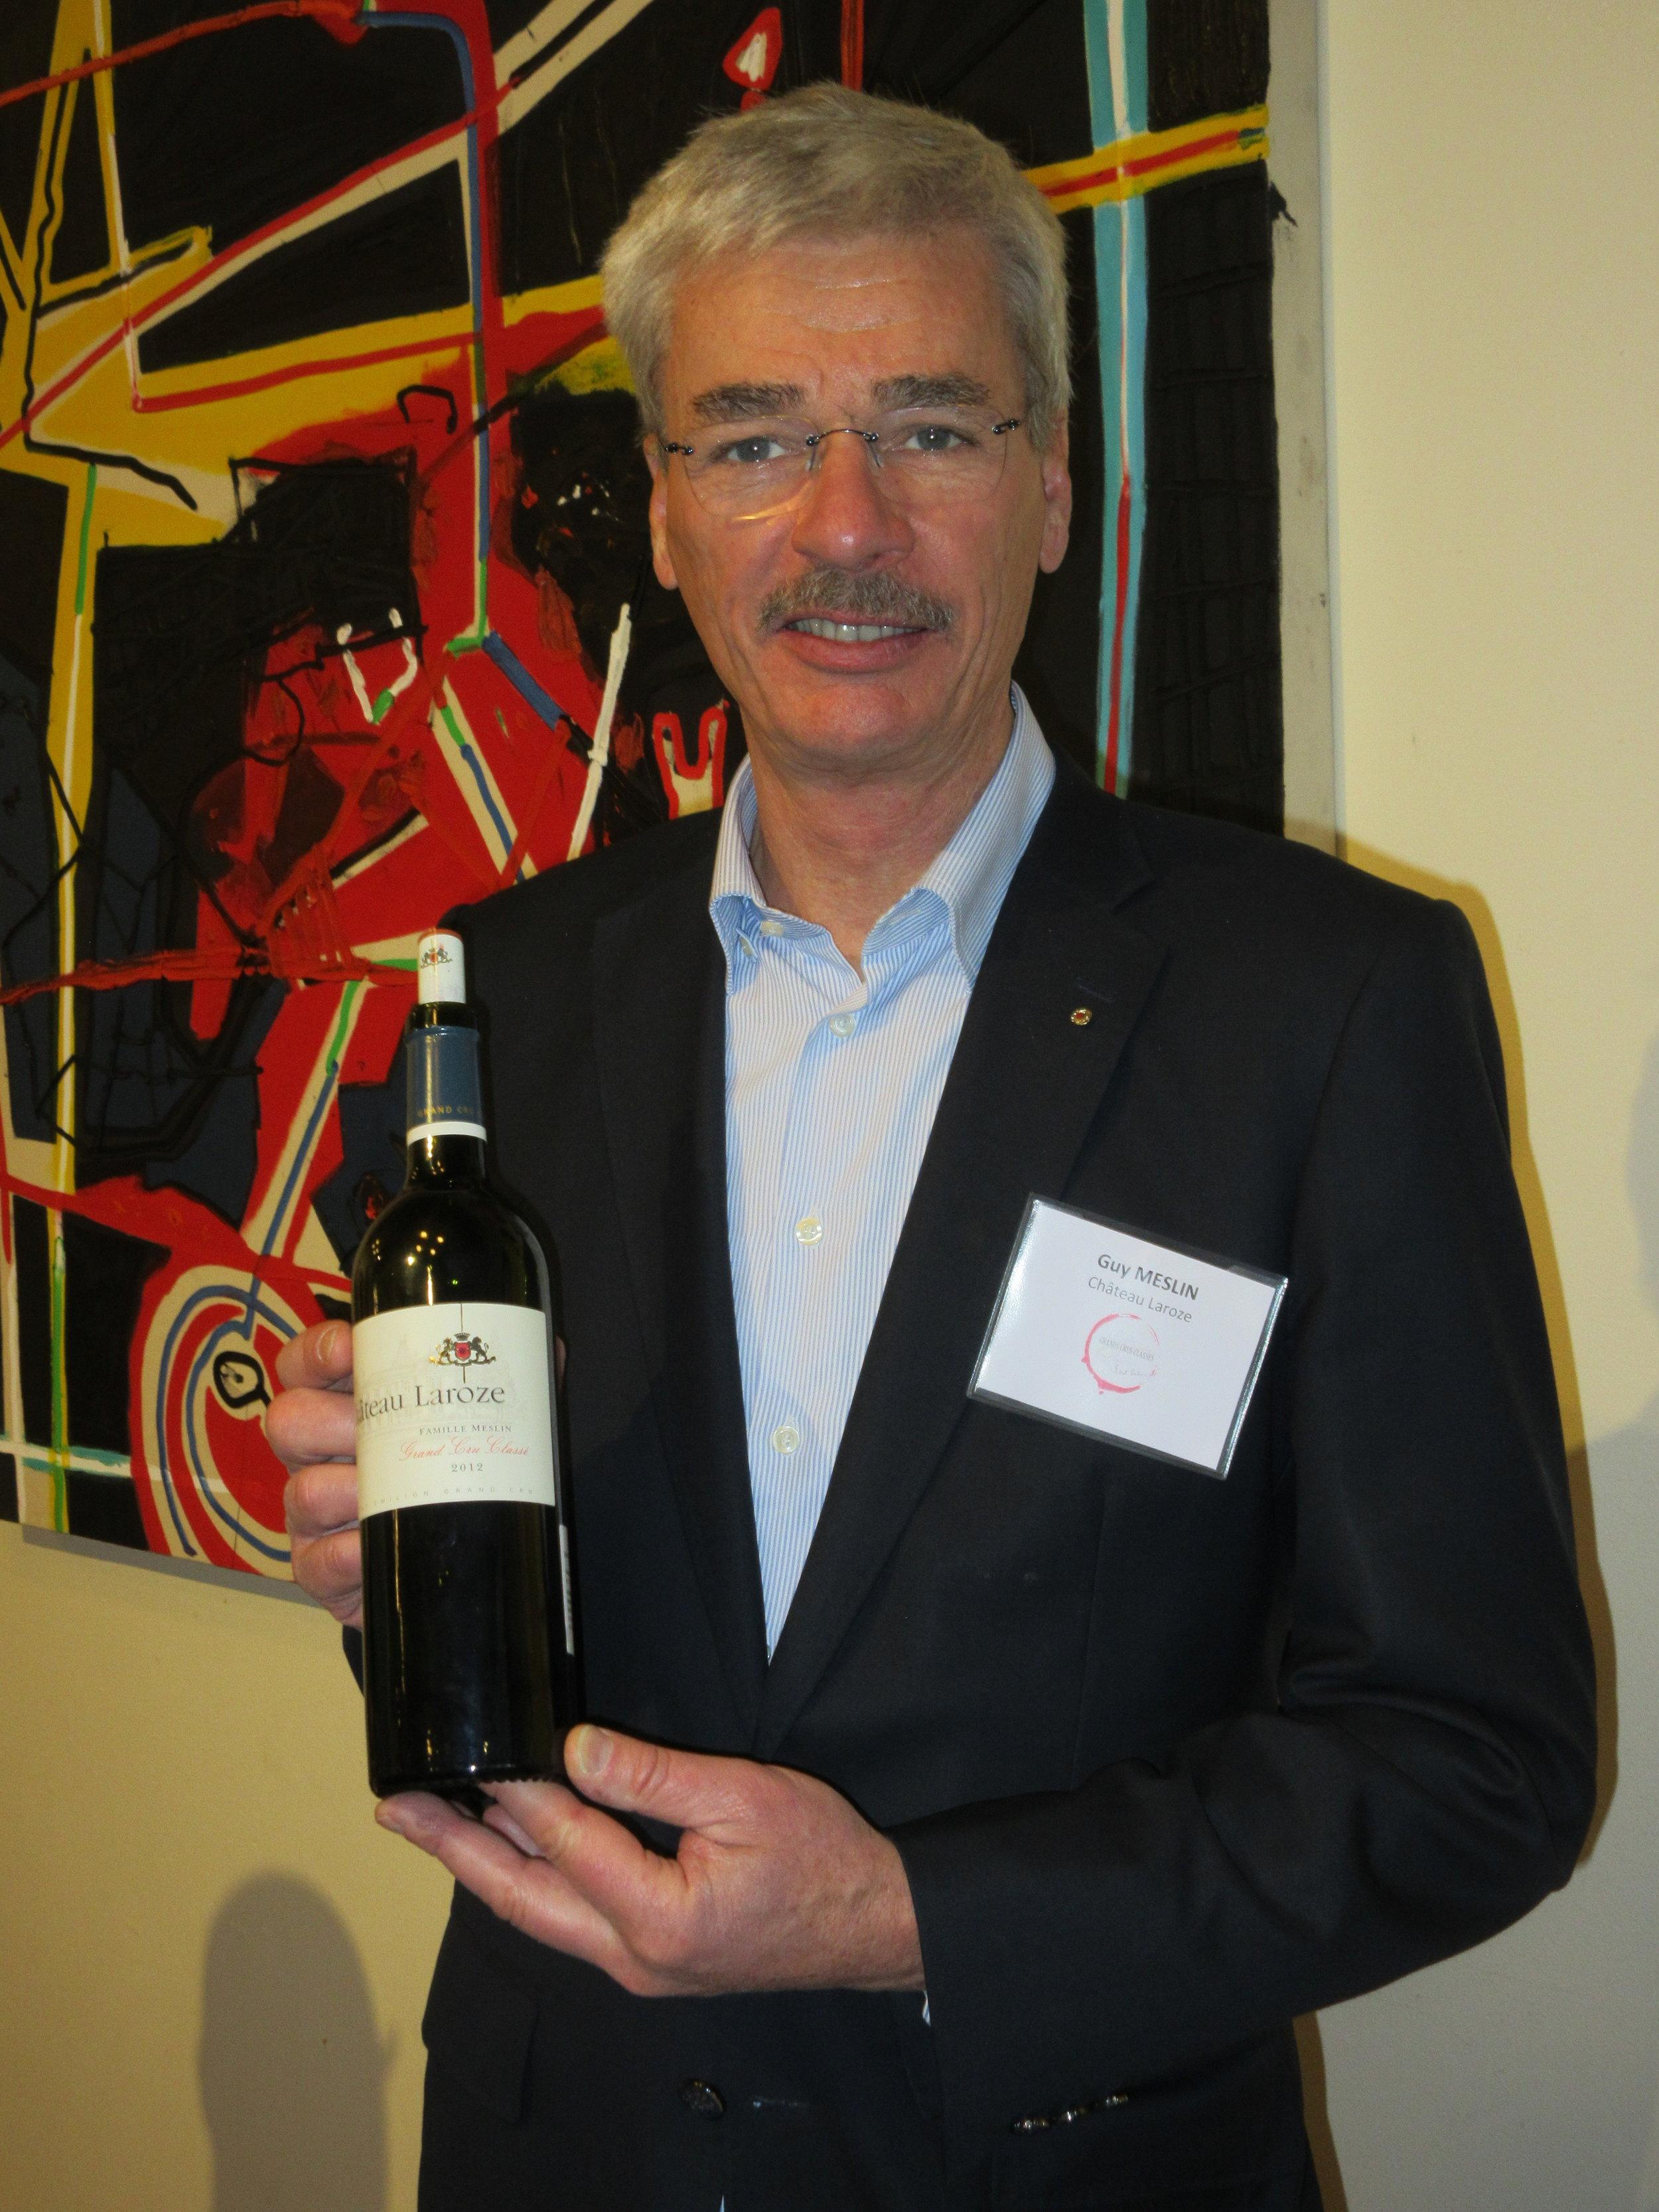 Guy Meslin of Chateau Laroze